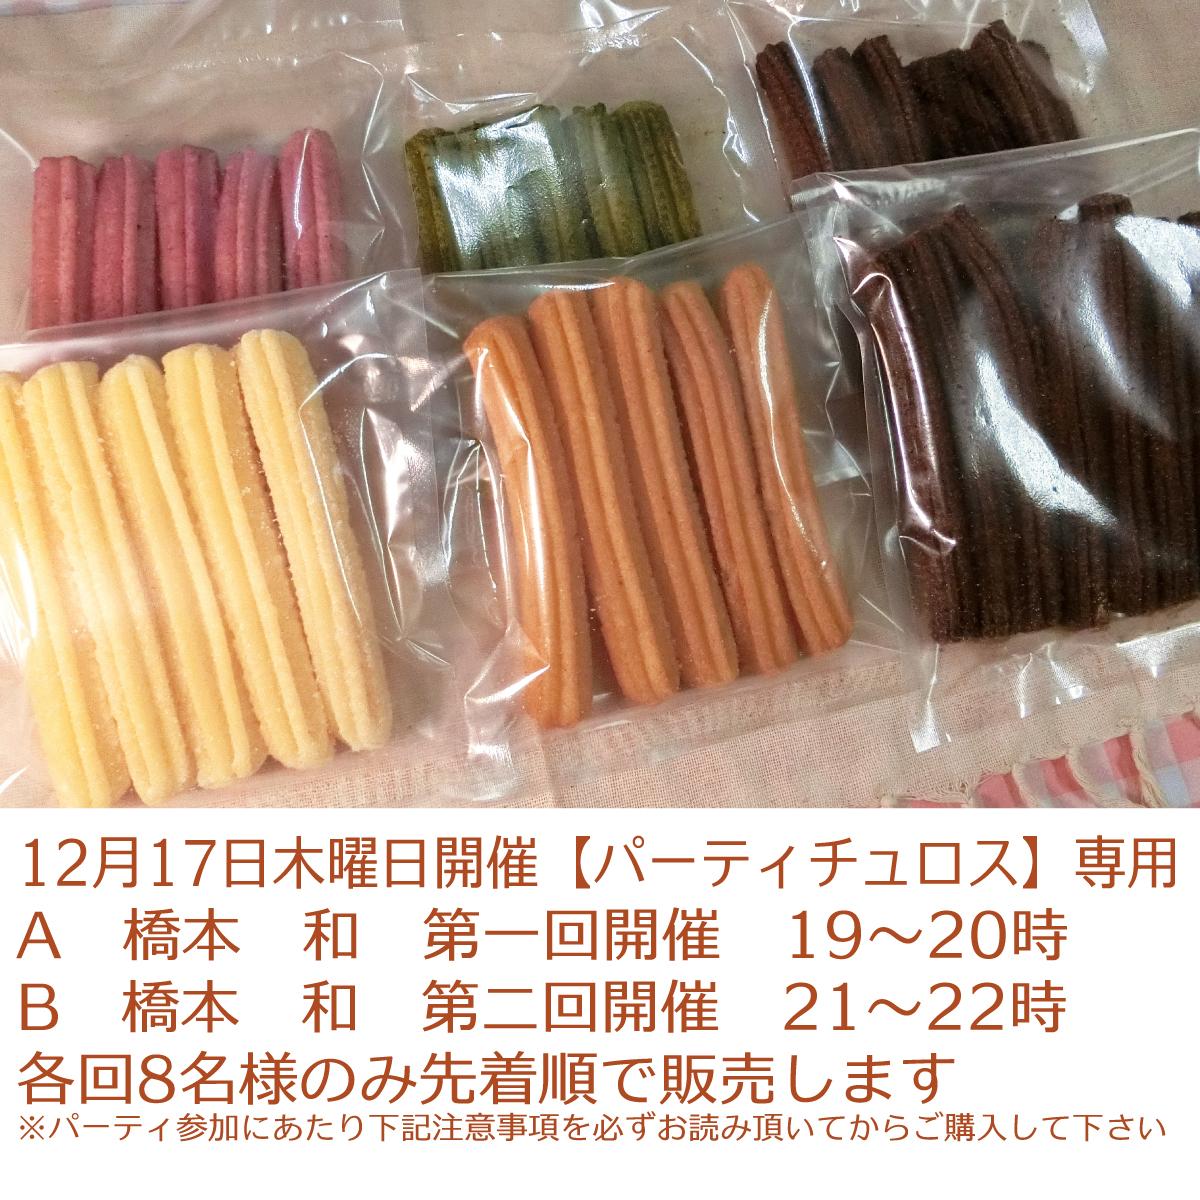 12月17日木曜日開催【パーティチュロス】 チュロスを買って! 橋本和(はしもとのどか)とオンラインパーティしよう! 画像1